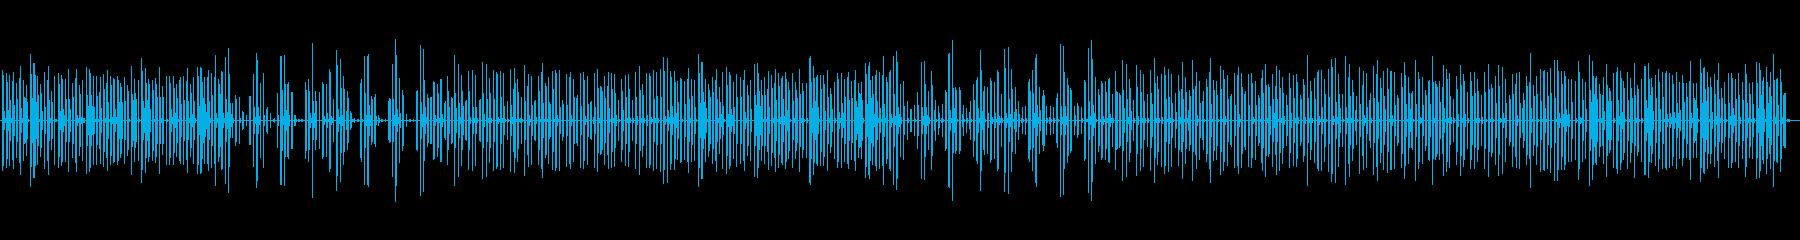 ビンテージビデオゲームに触発された...の再生済みの波形